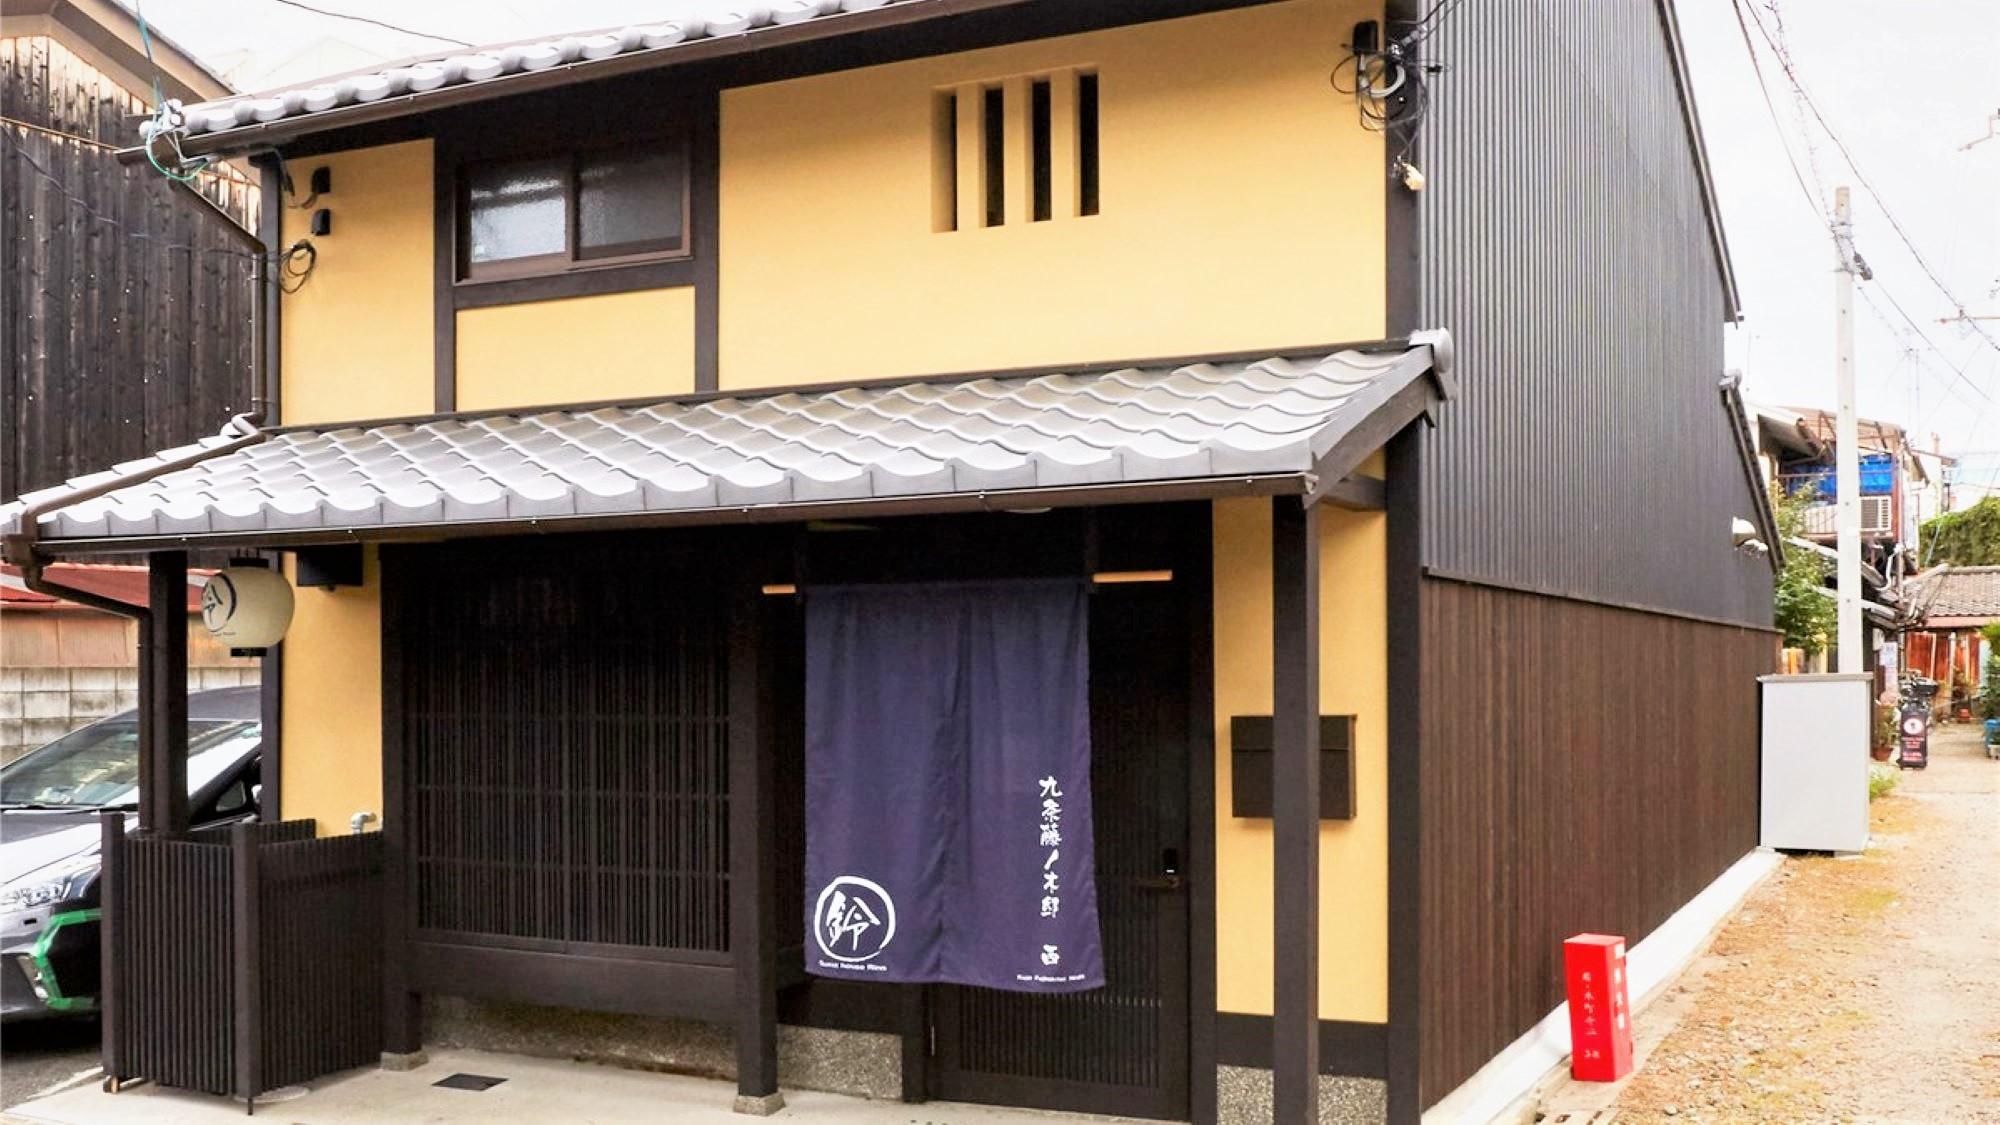 ゲストハウス 鈴 九条 藤ノ木邸西◆楽天トラベル